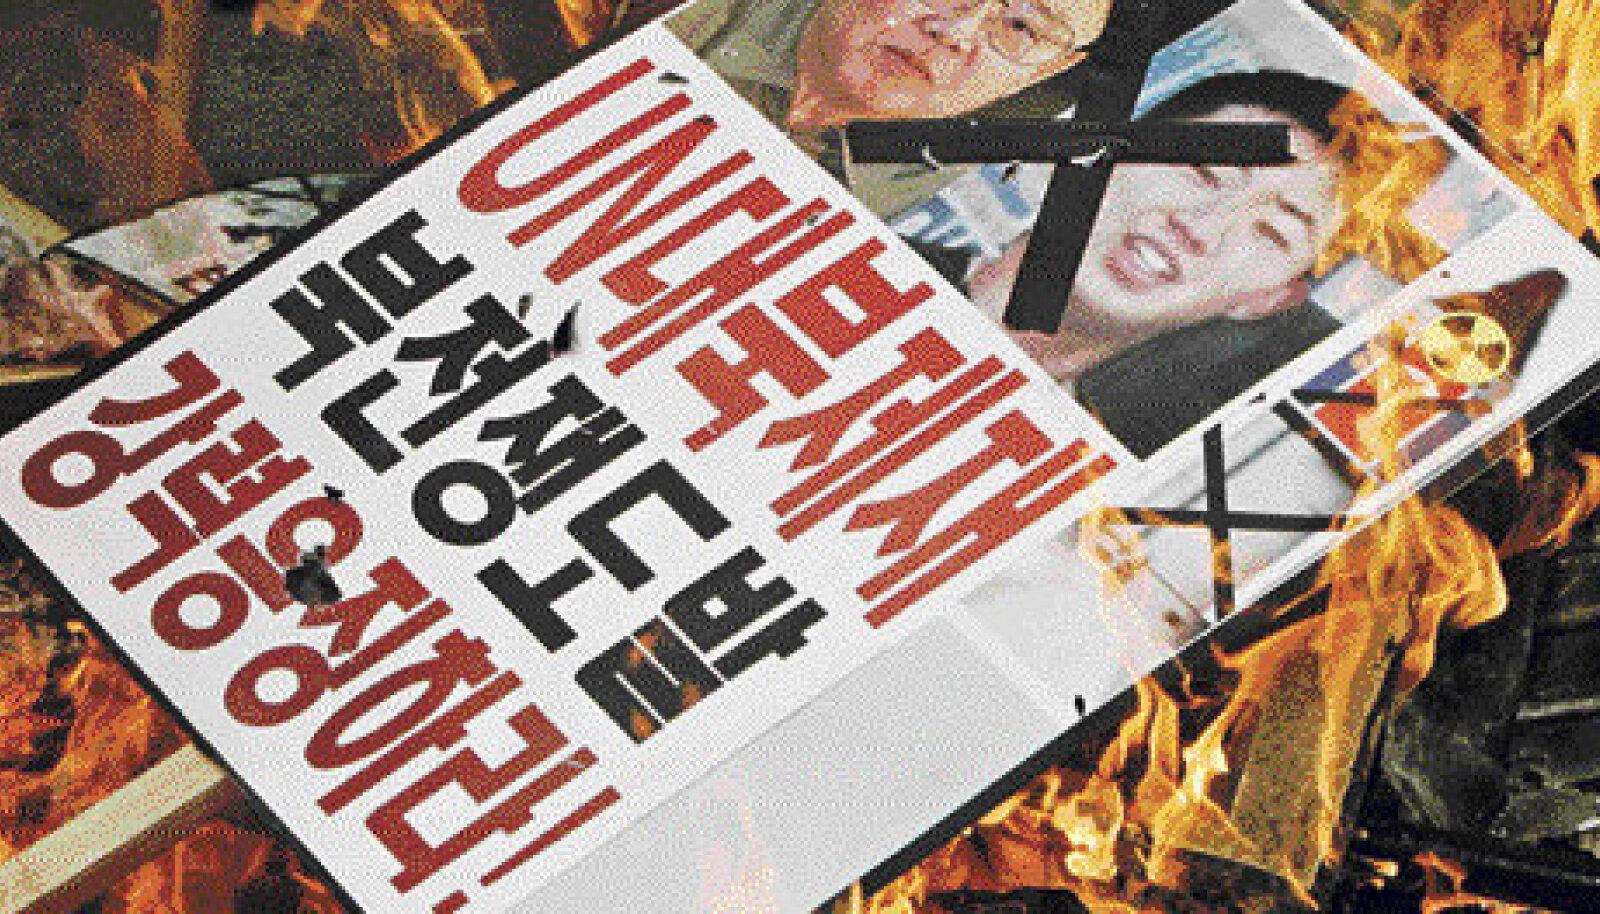 Lõuna-Korea protestijad on kandnud oma plakatitele juba ka noorema Kimi pildi, põhjas ei tea rahvas temast ilmselt veel midagi.